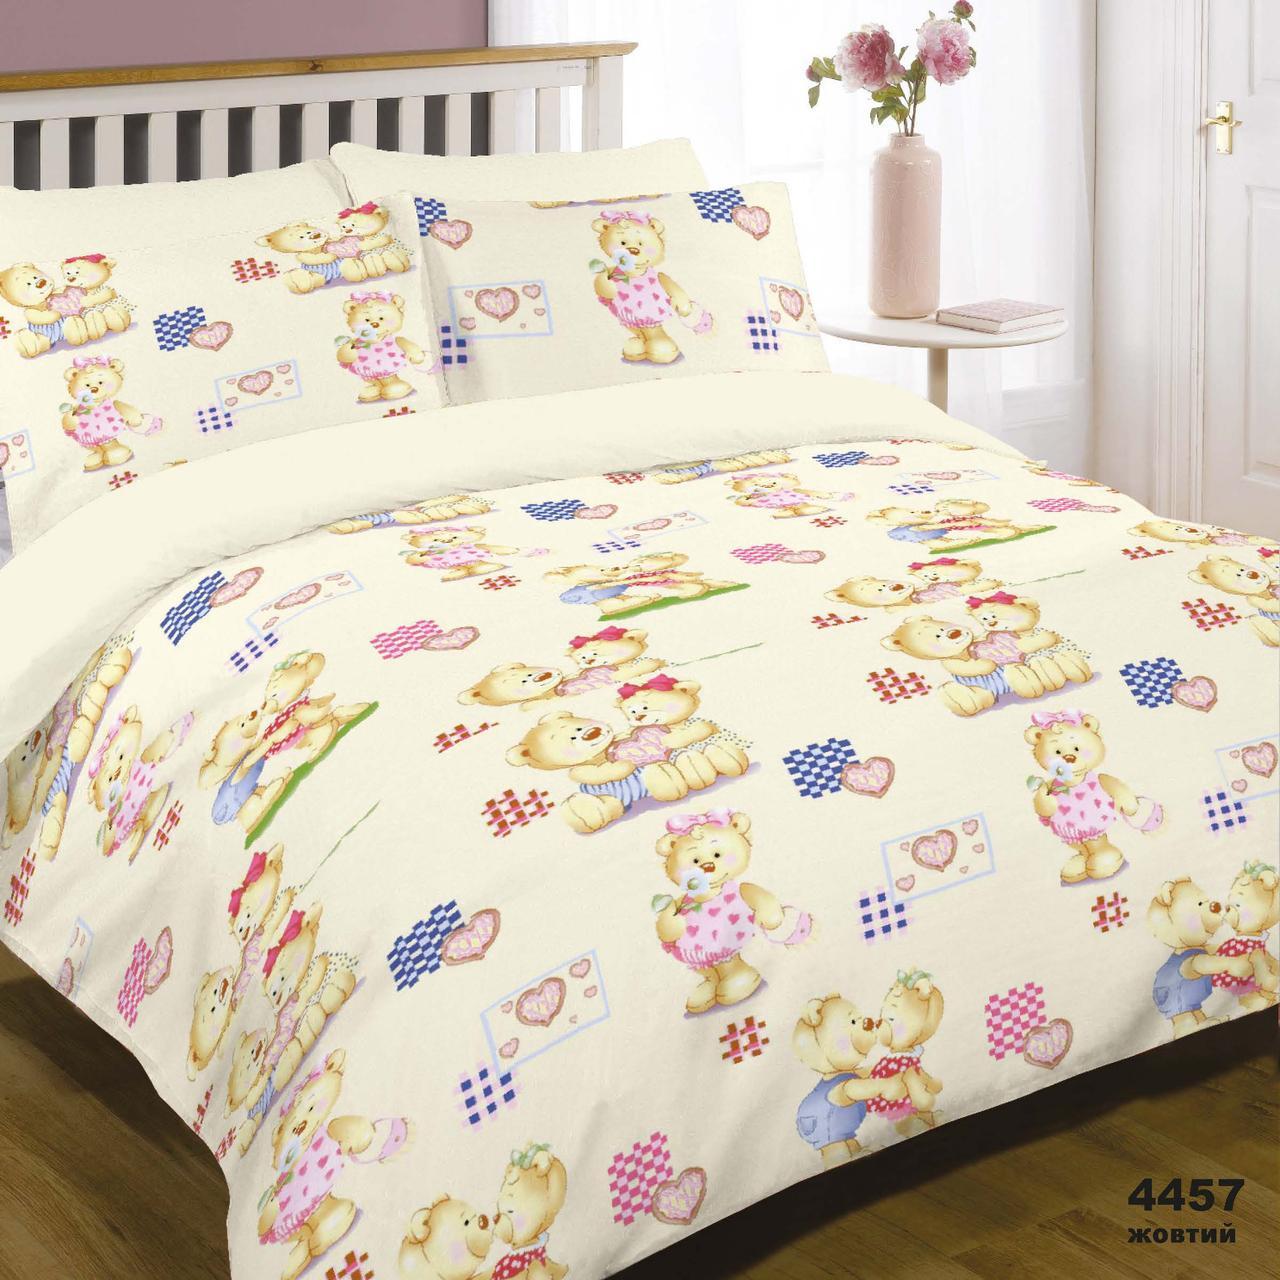 Комплект постельного белья детский ранфорс 4457 желтый ТМ Вилюта